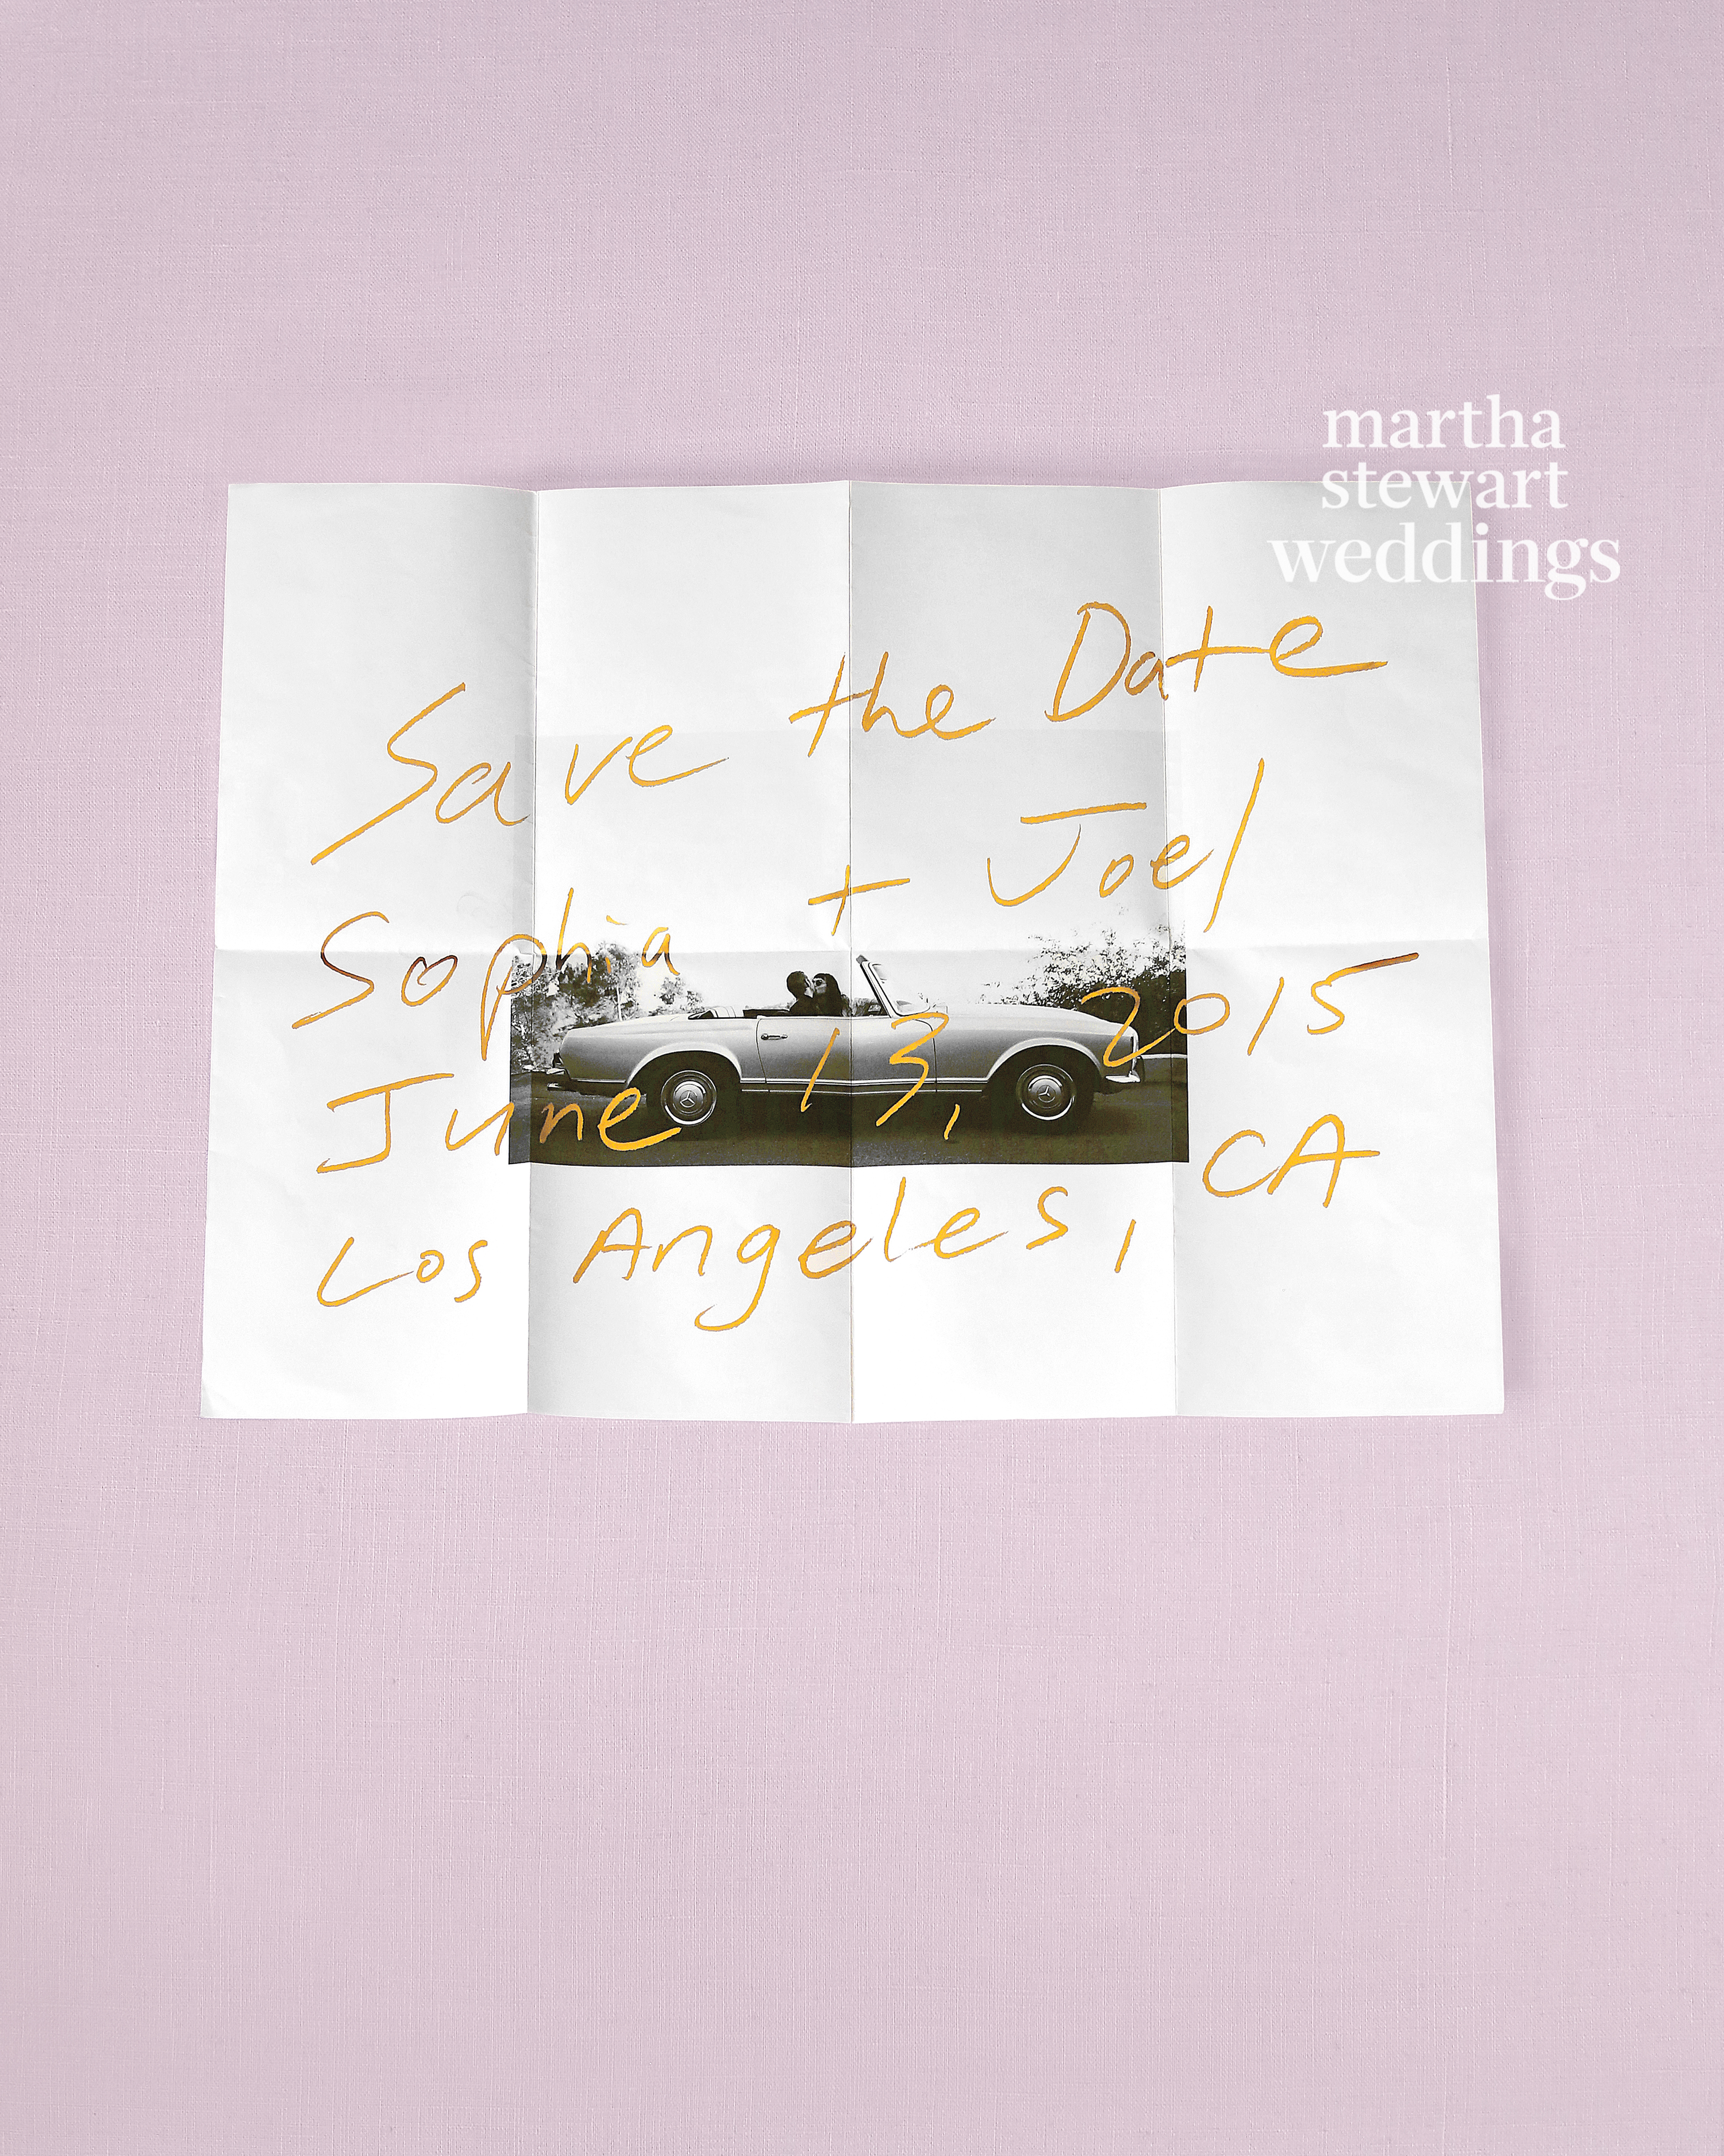 msophia-joel-wedding-los-angeles-save-the-date-d112240-r1-watermarked-0915.jpg